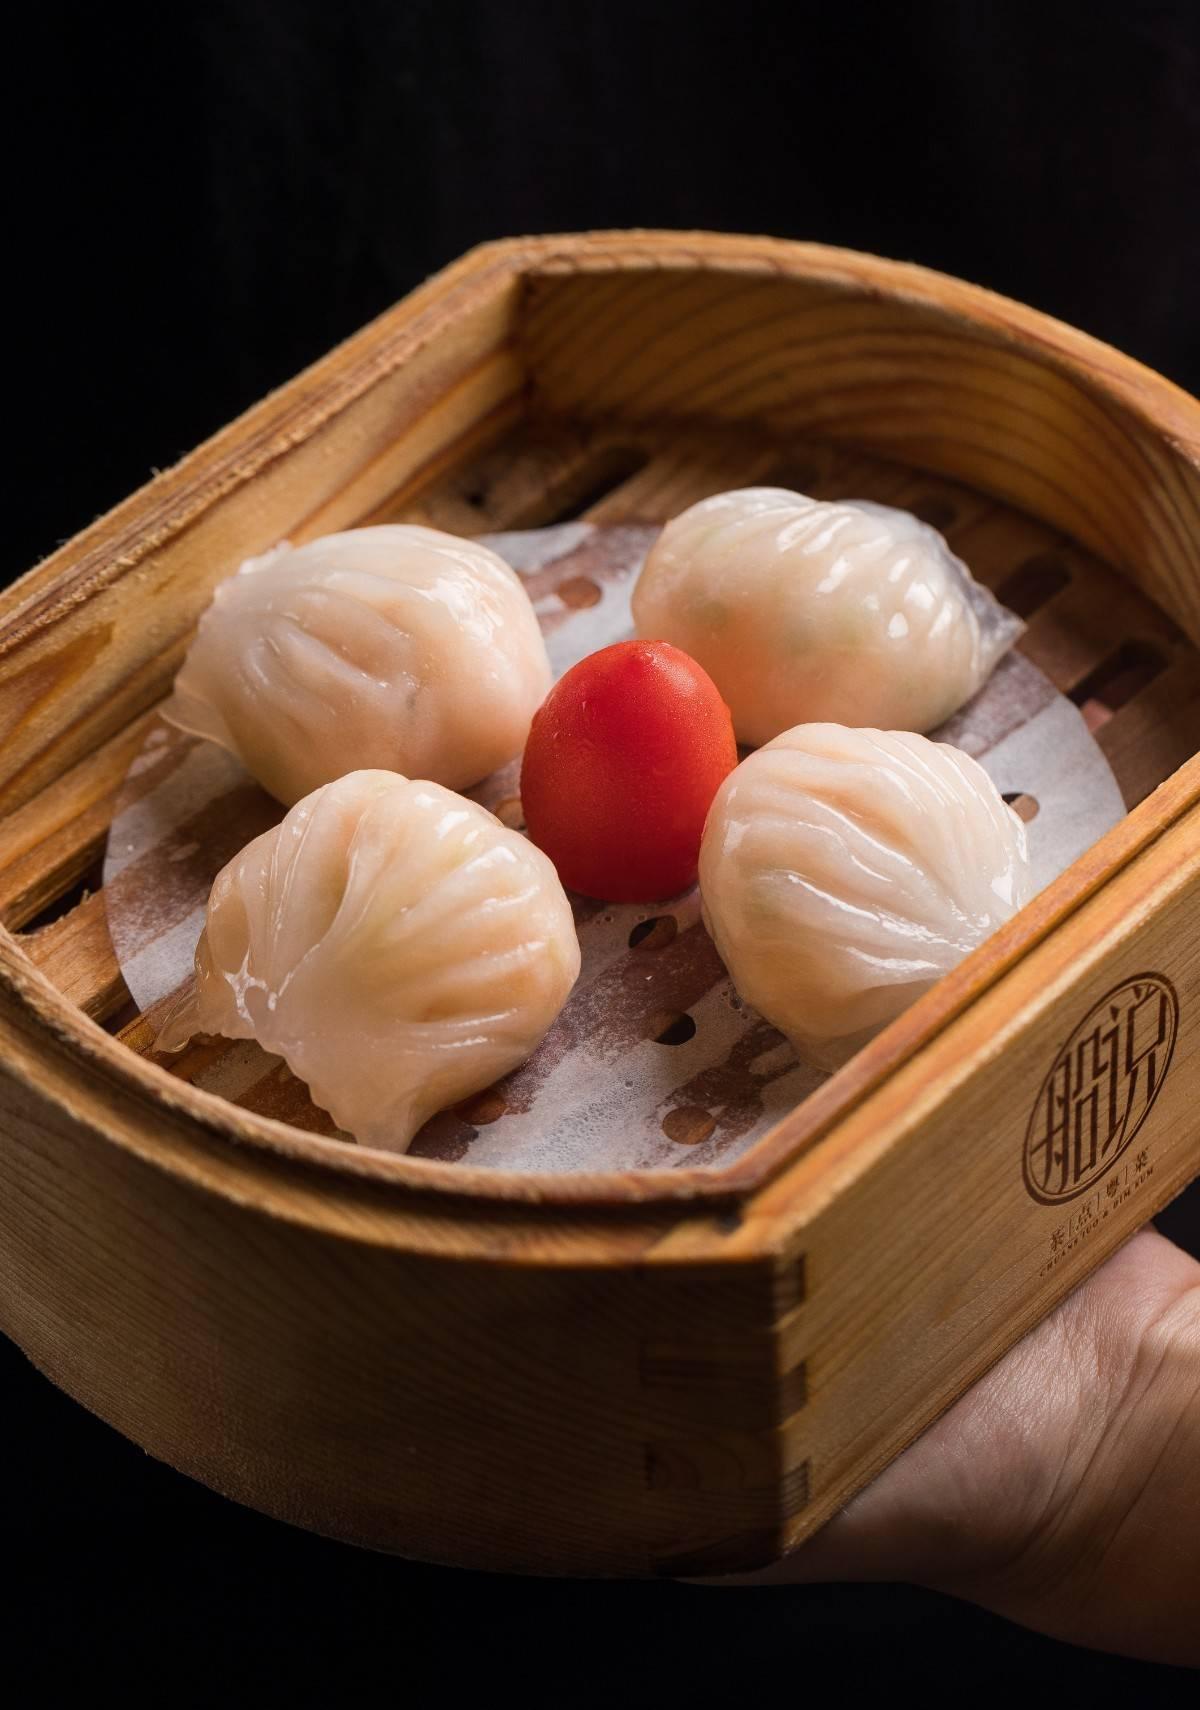 【南山·美食】在船上吃海鲜大餐!298元抢1522元海上世界『船说茶点粤菜』豪华海鲜3-4人套餐!